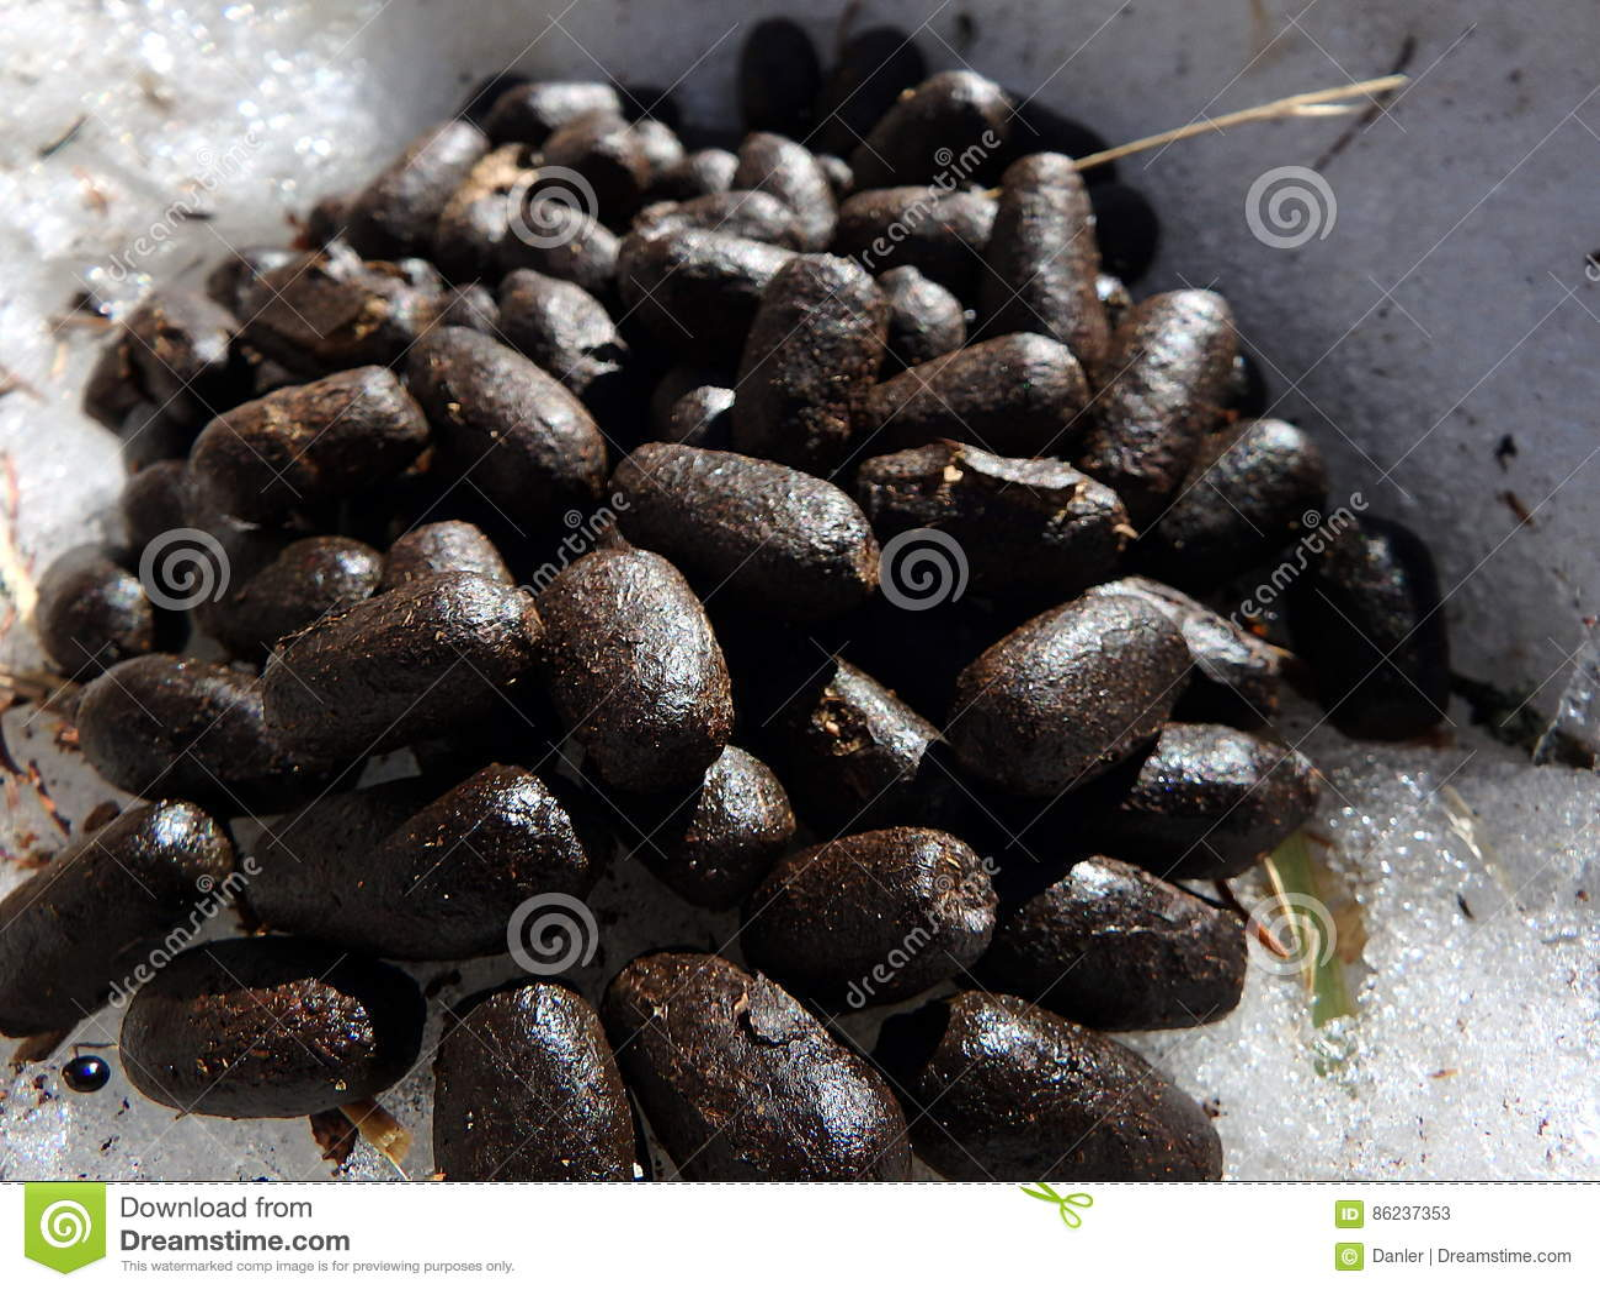 crottes de chamois pictures - photo #12